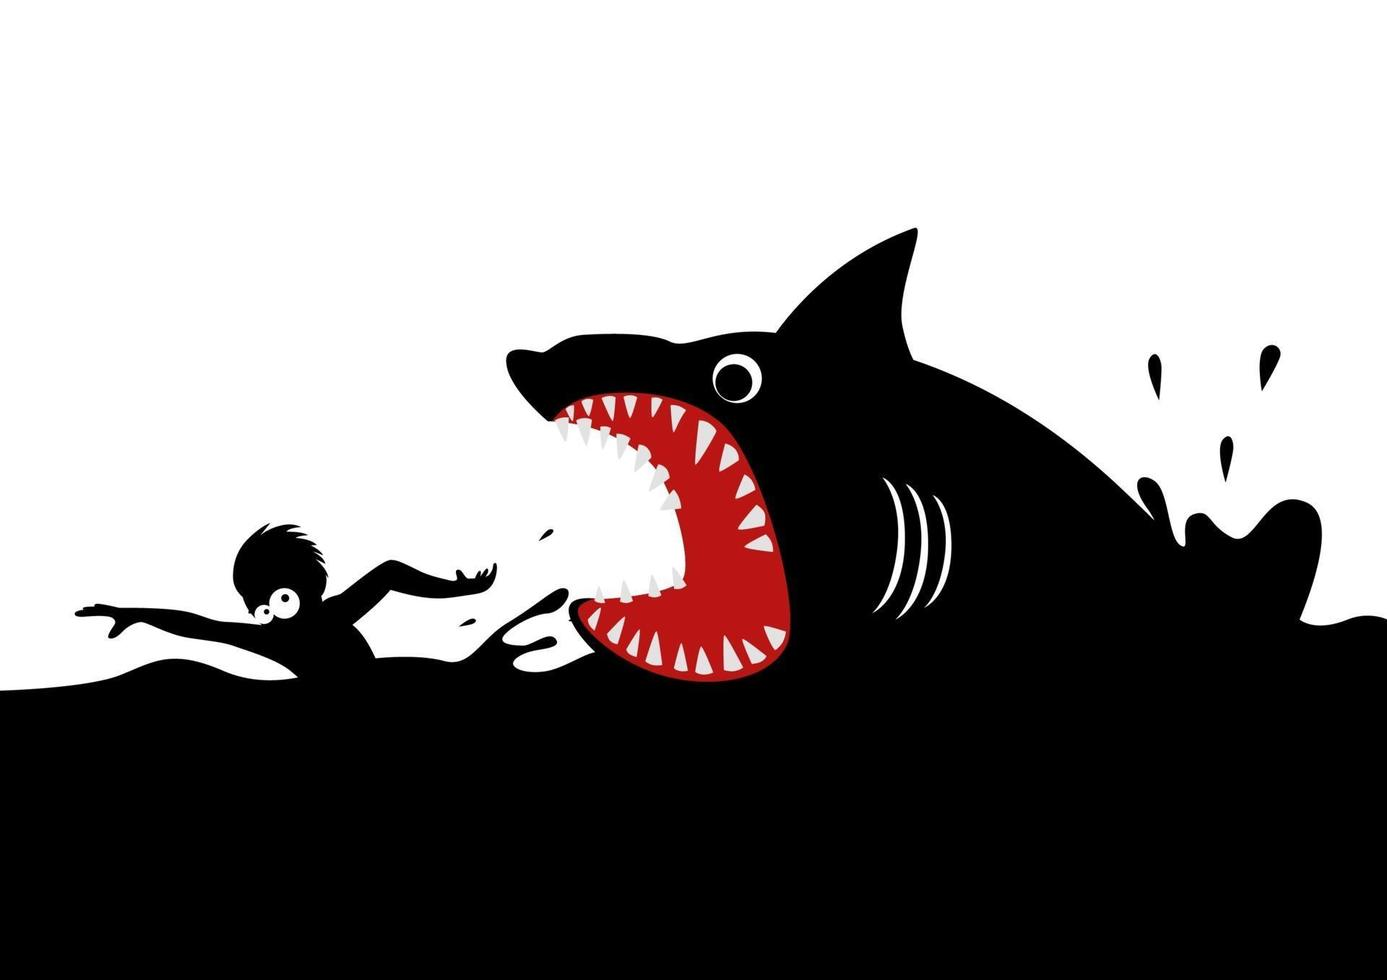 nadando em pânico evitando ataques de tubarão vetor